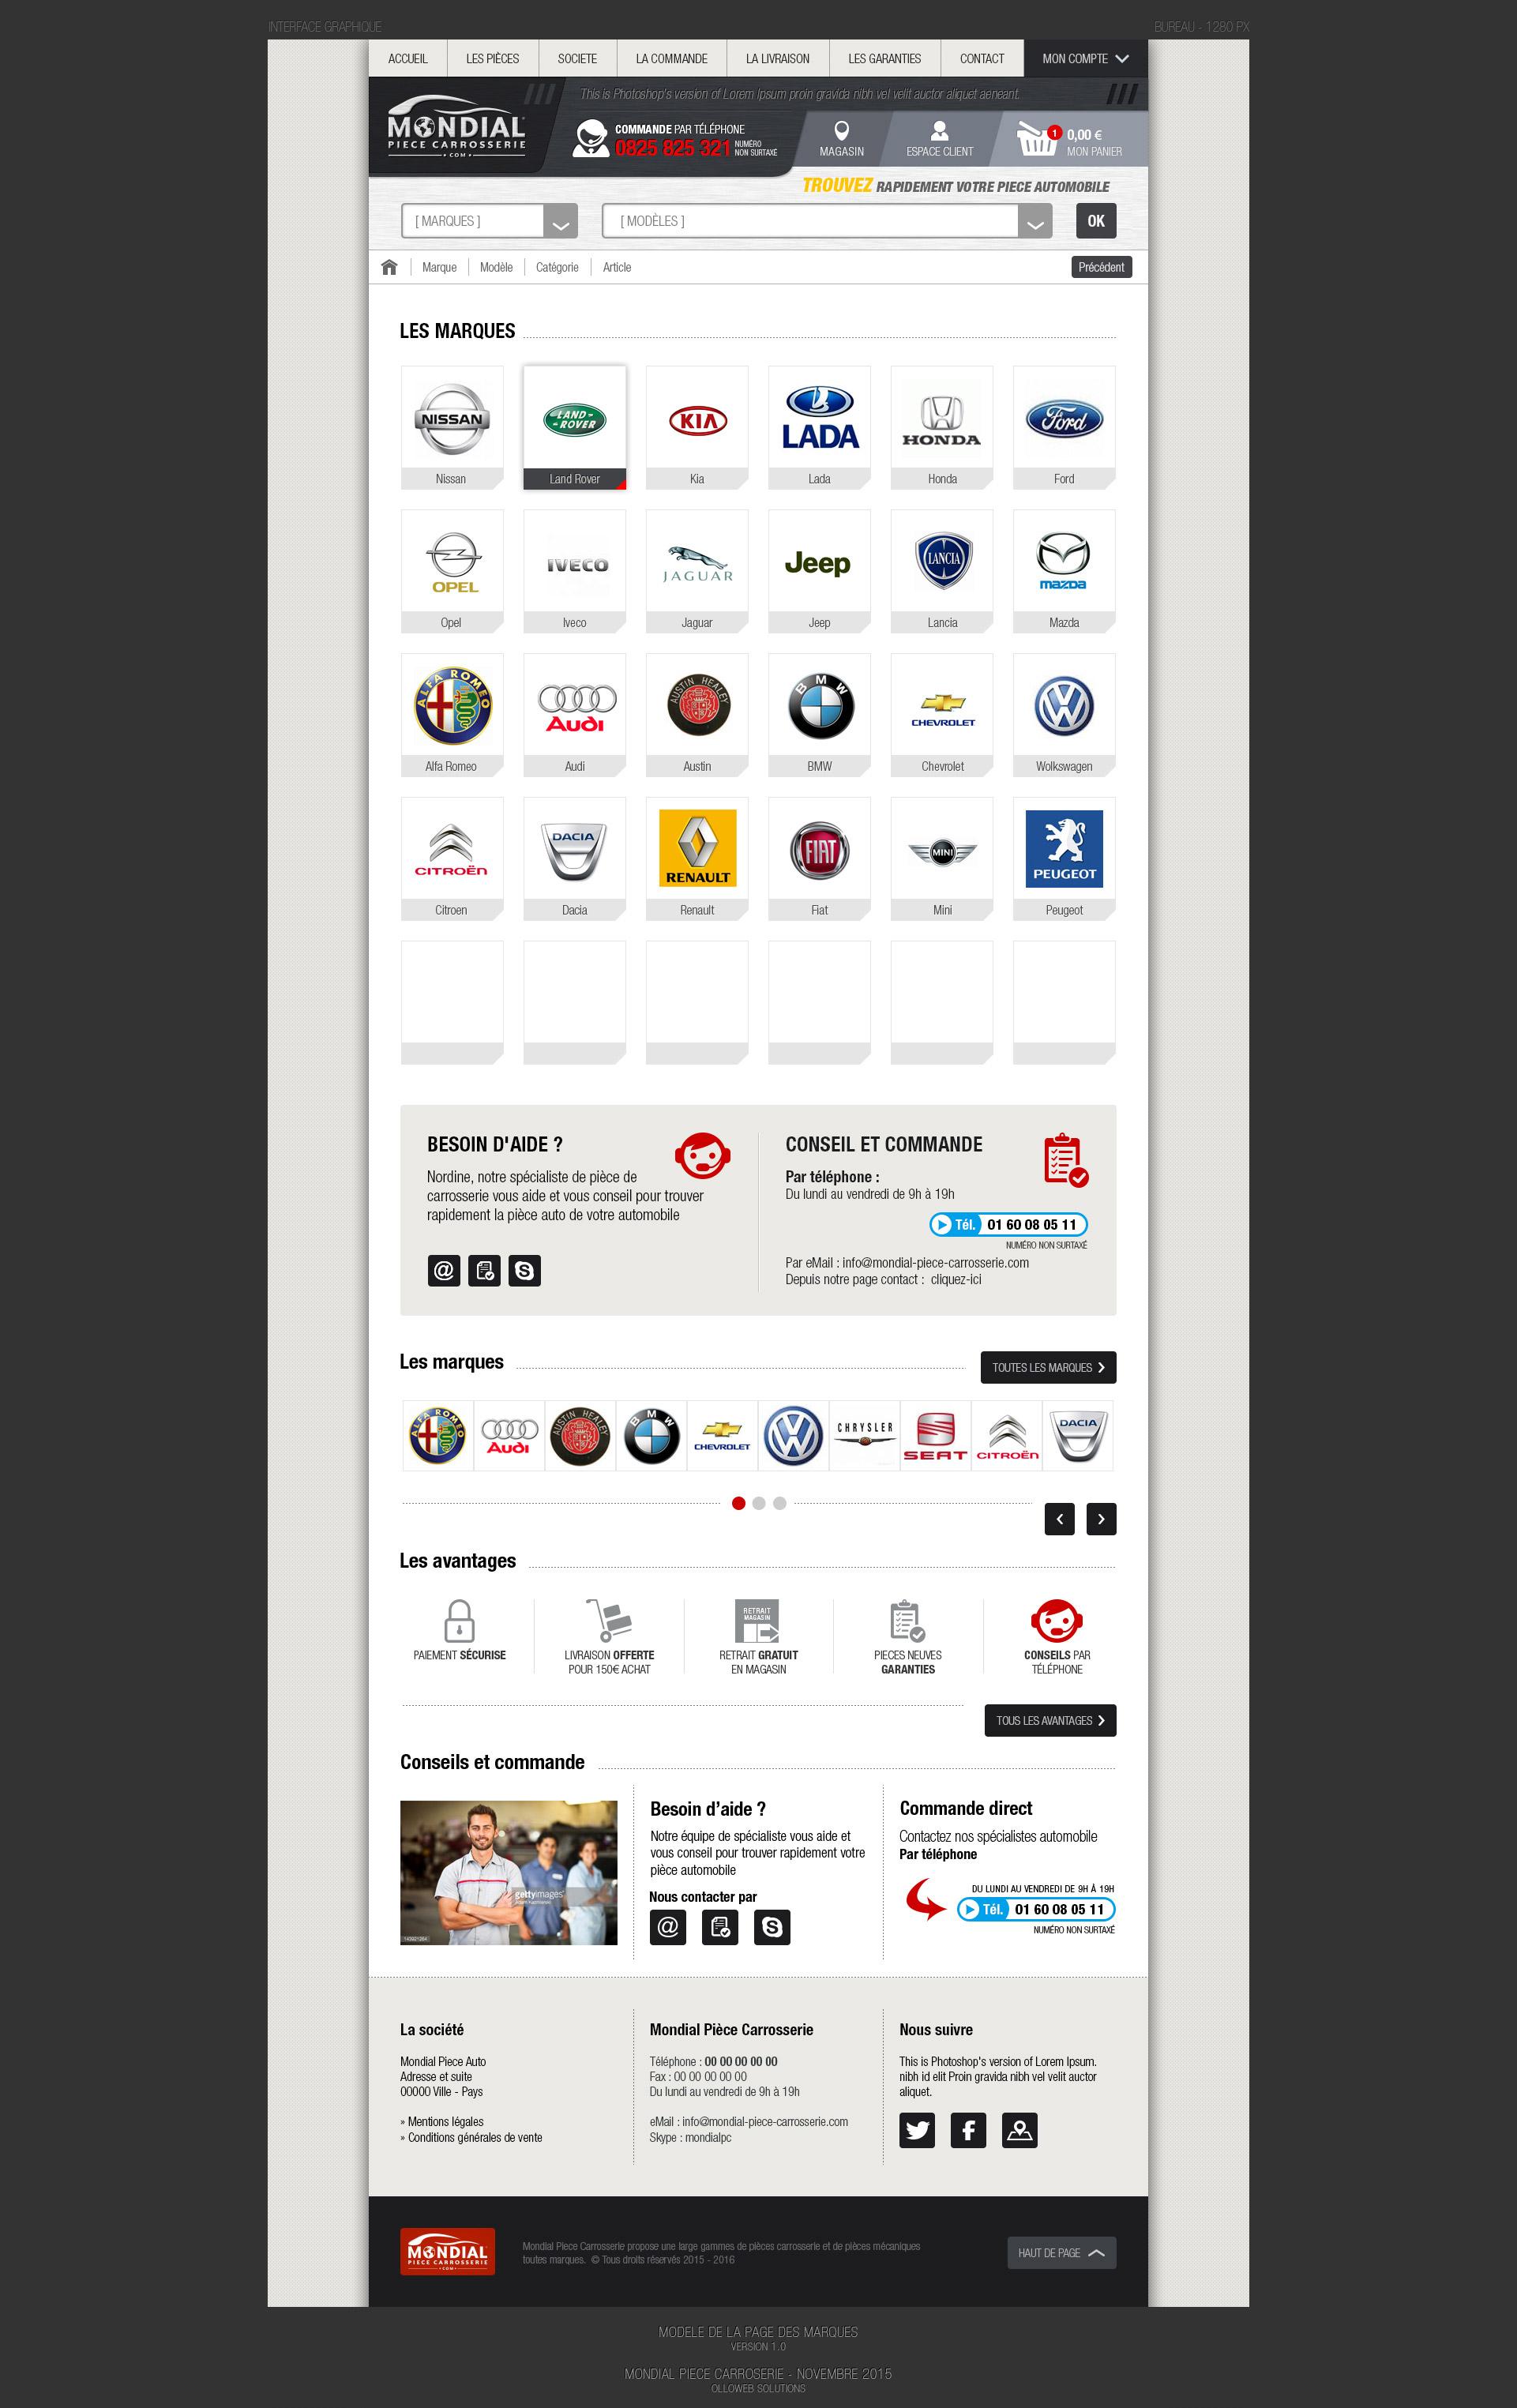 Conception graphique de la page des marques